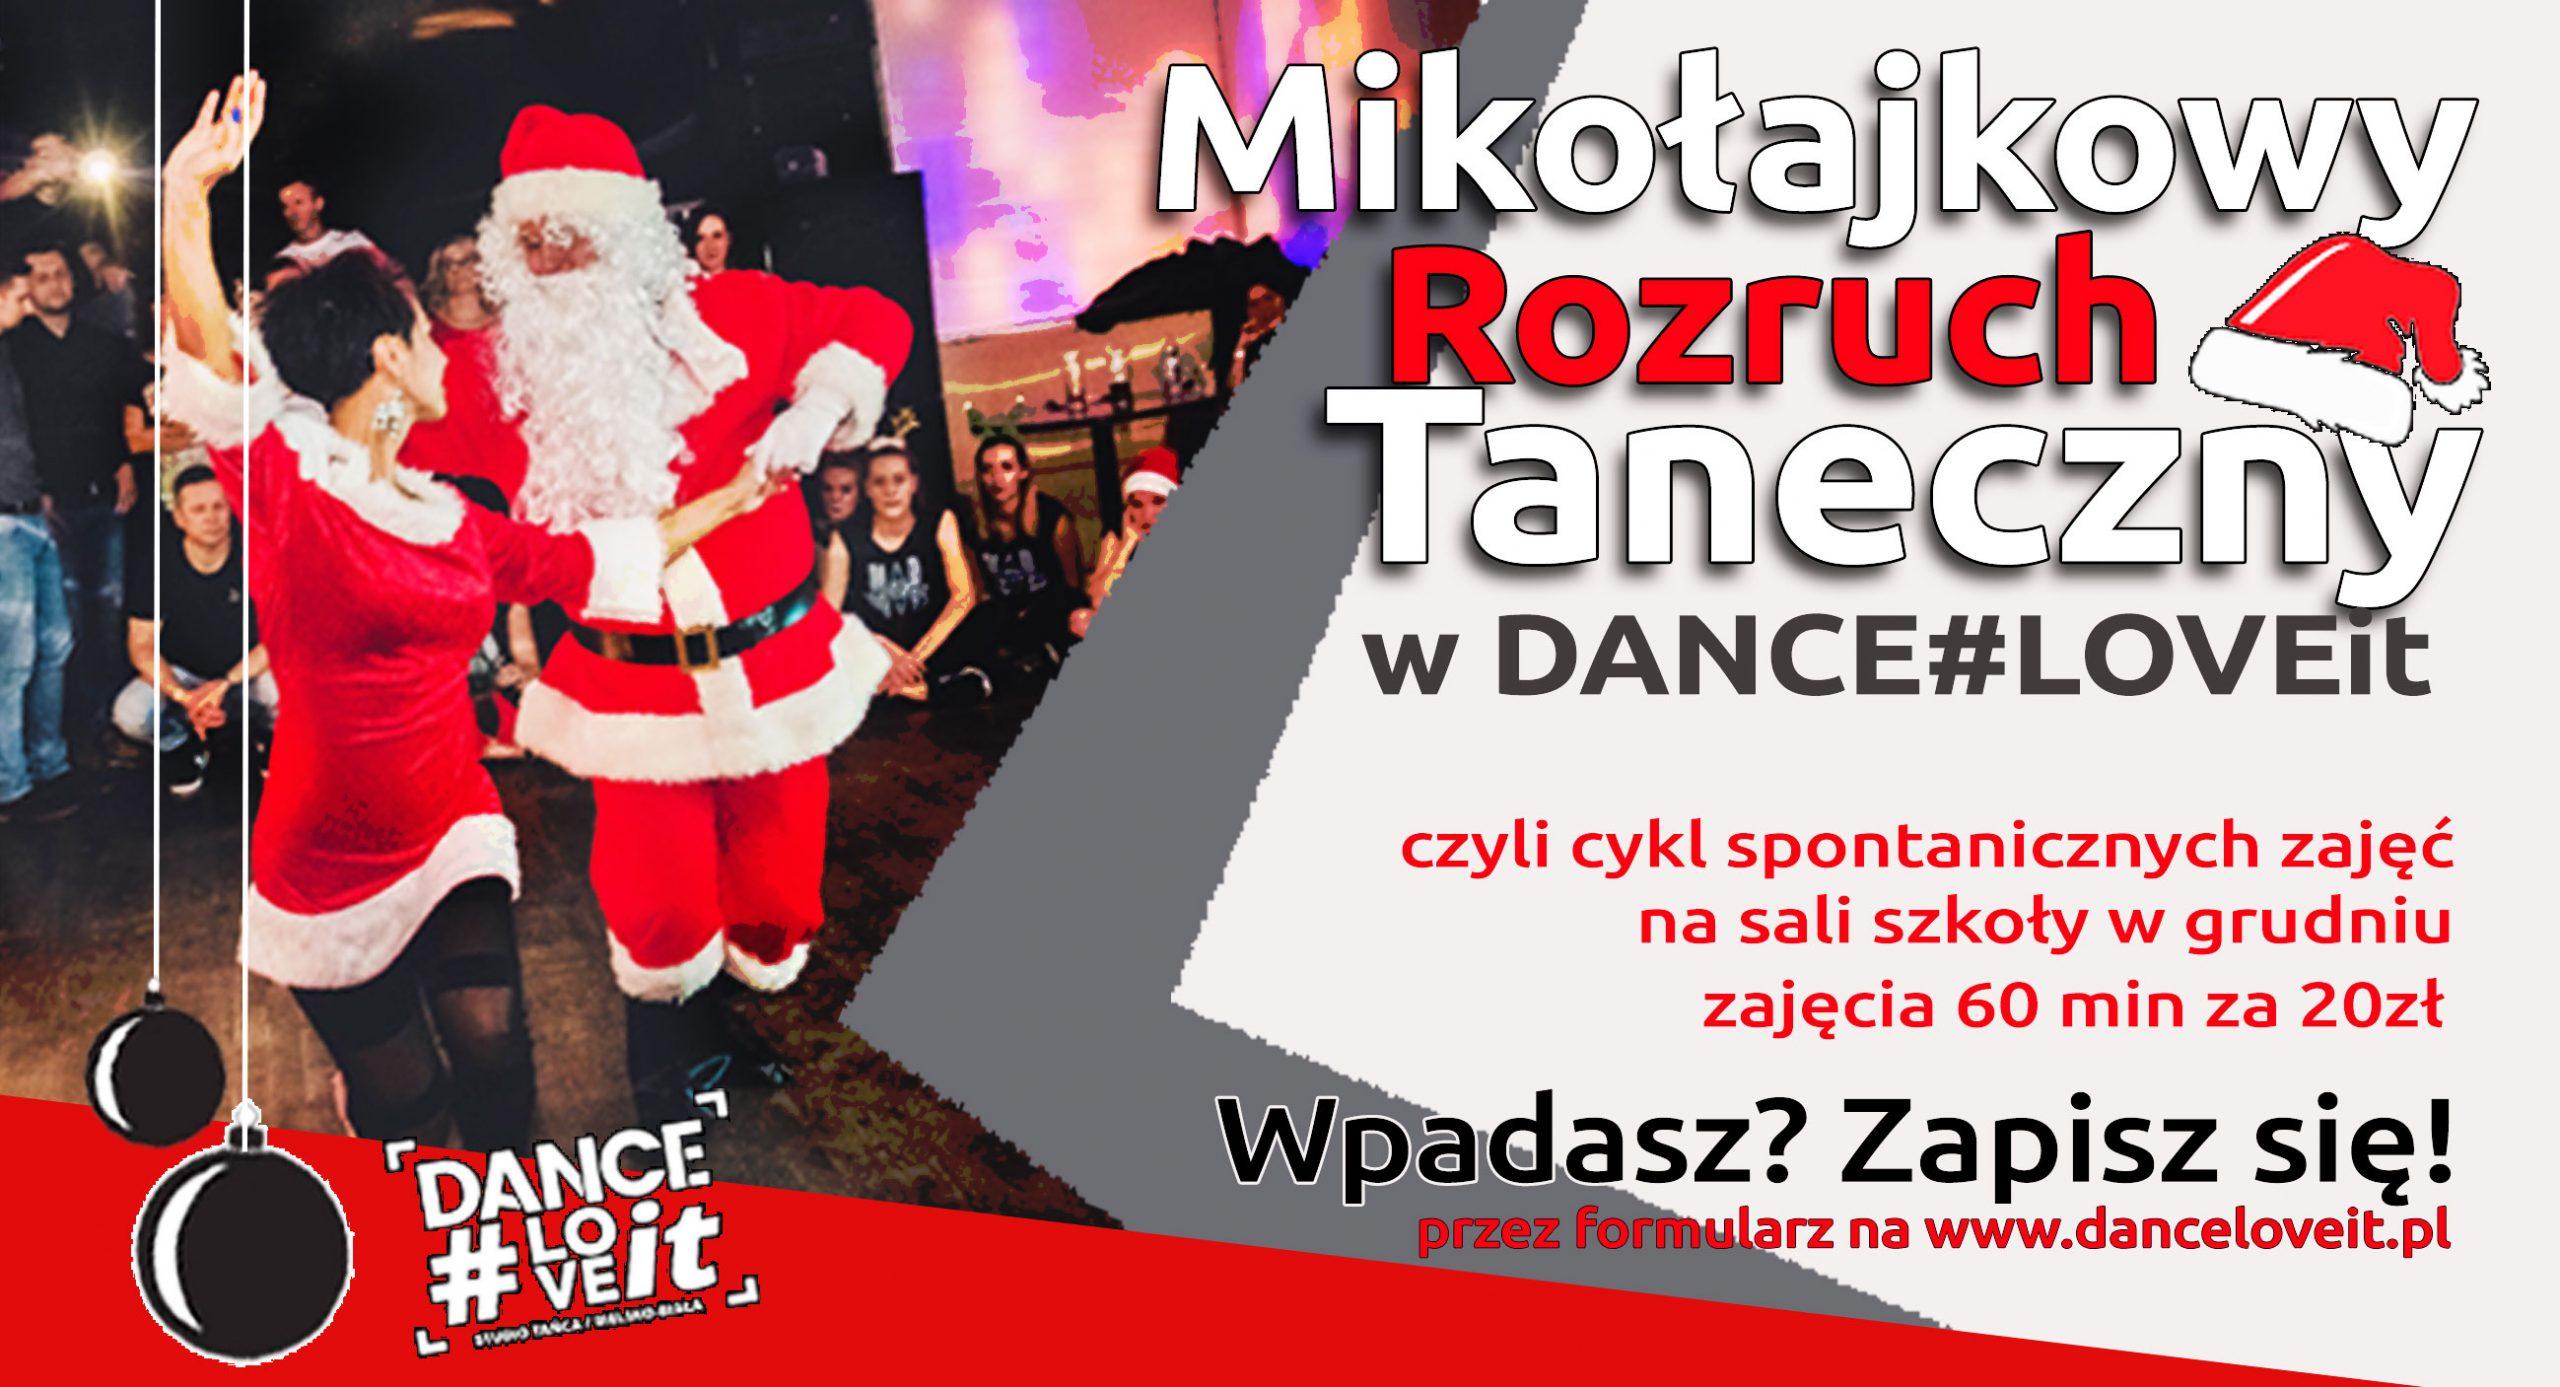 mikołajkowy-rozruch-taneczny-danceloveit-bielsko-biala-grudzień